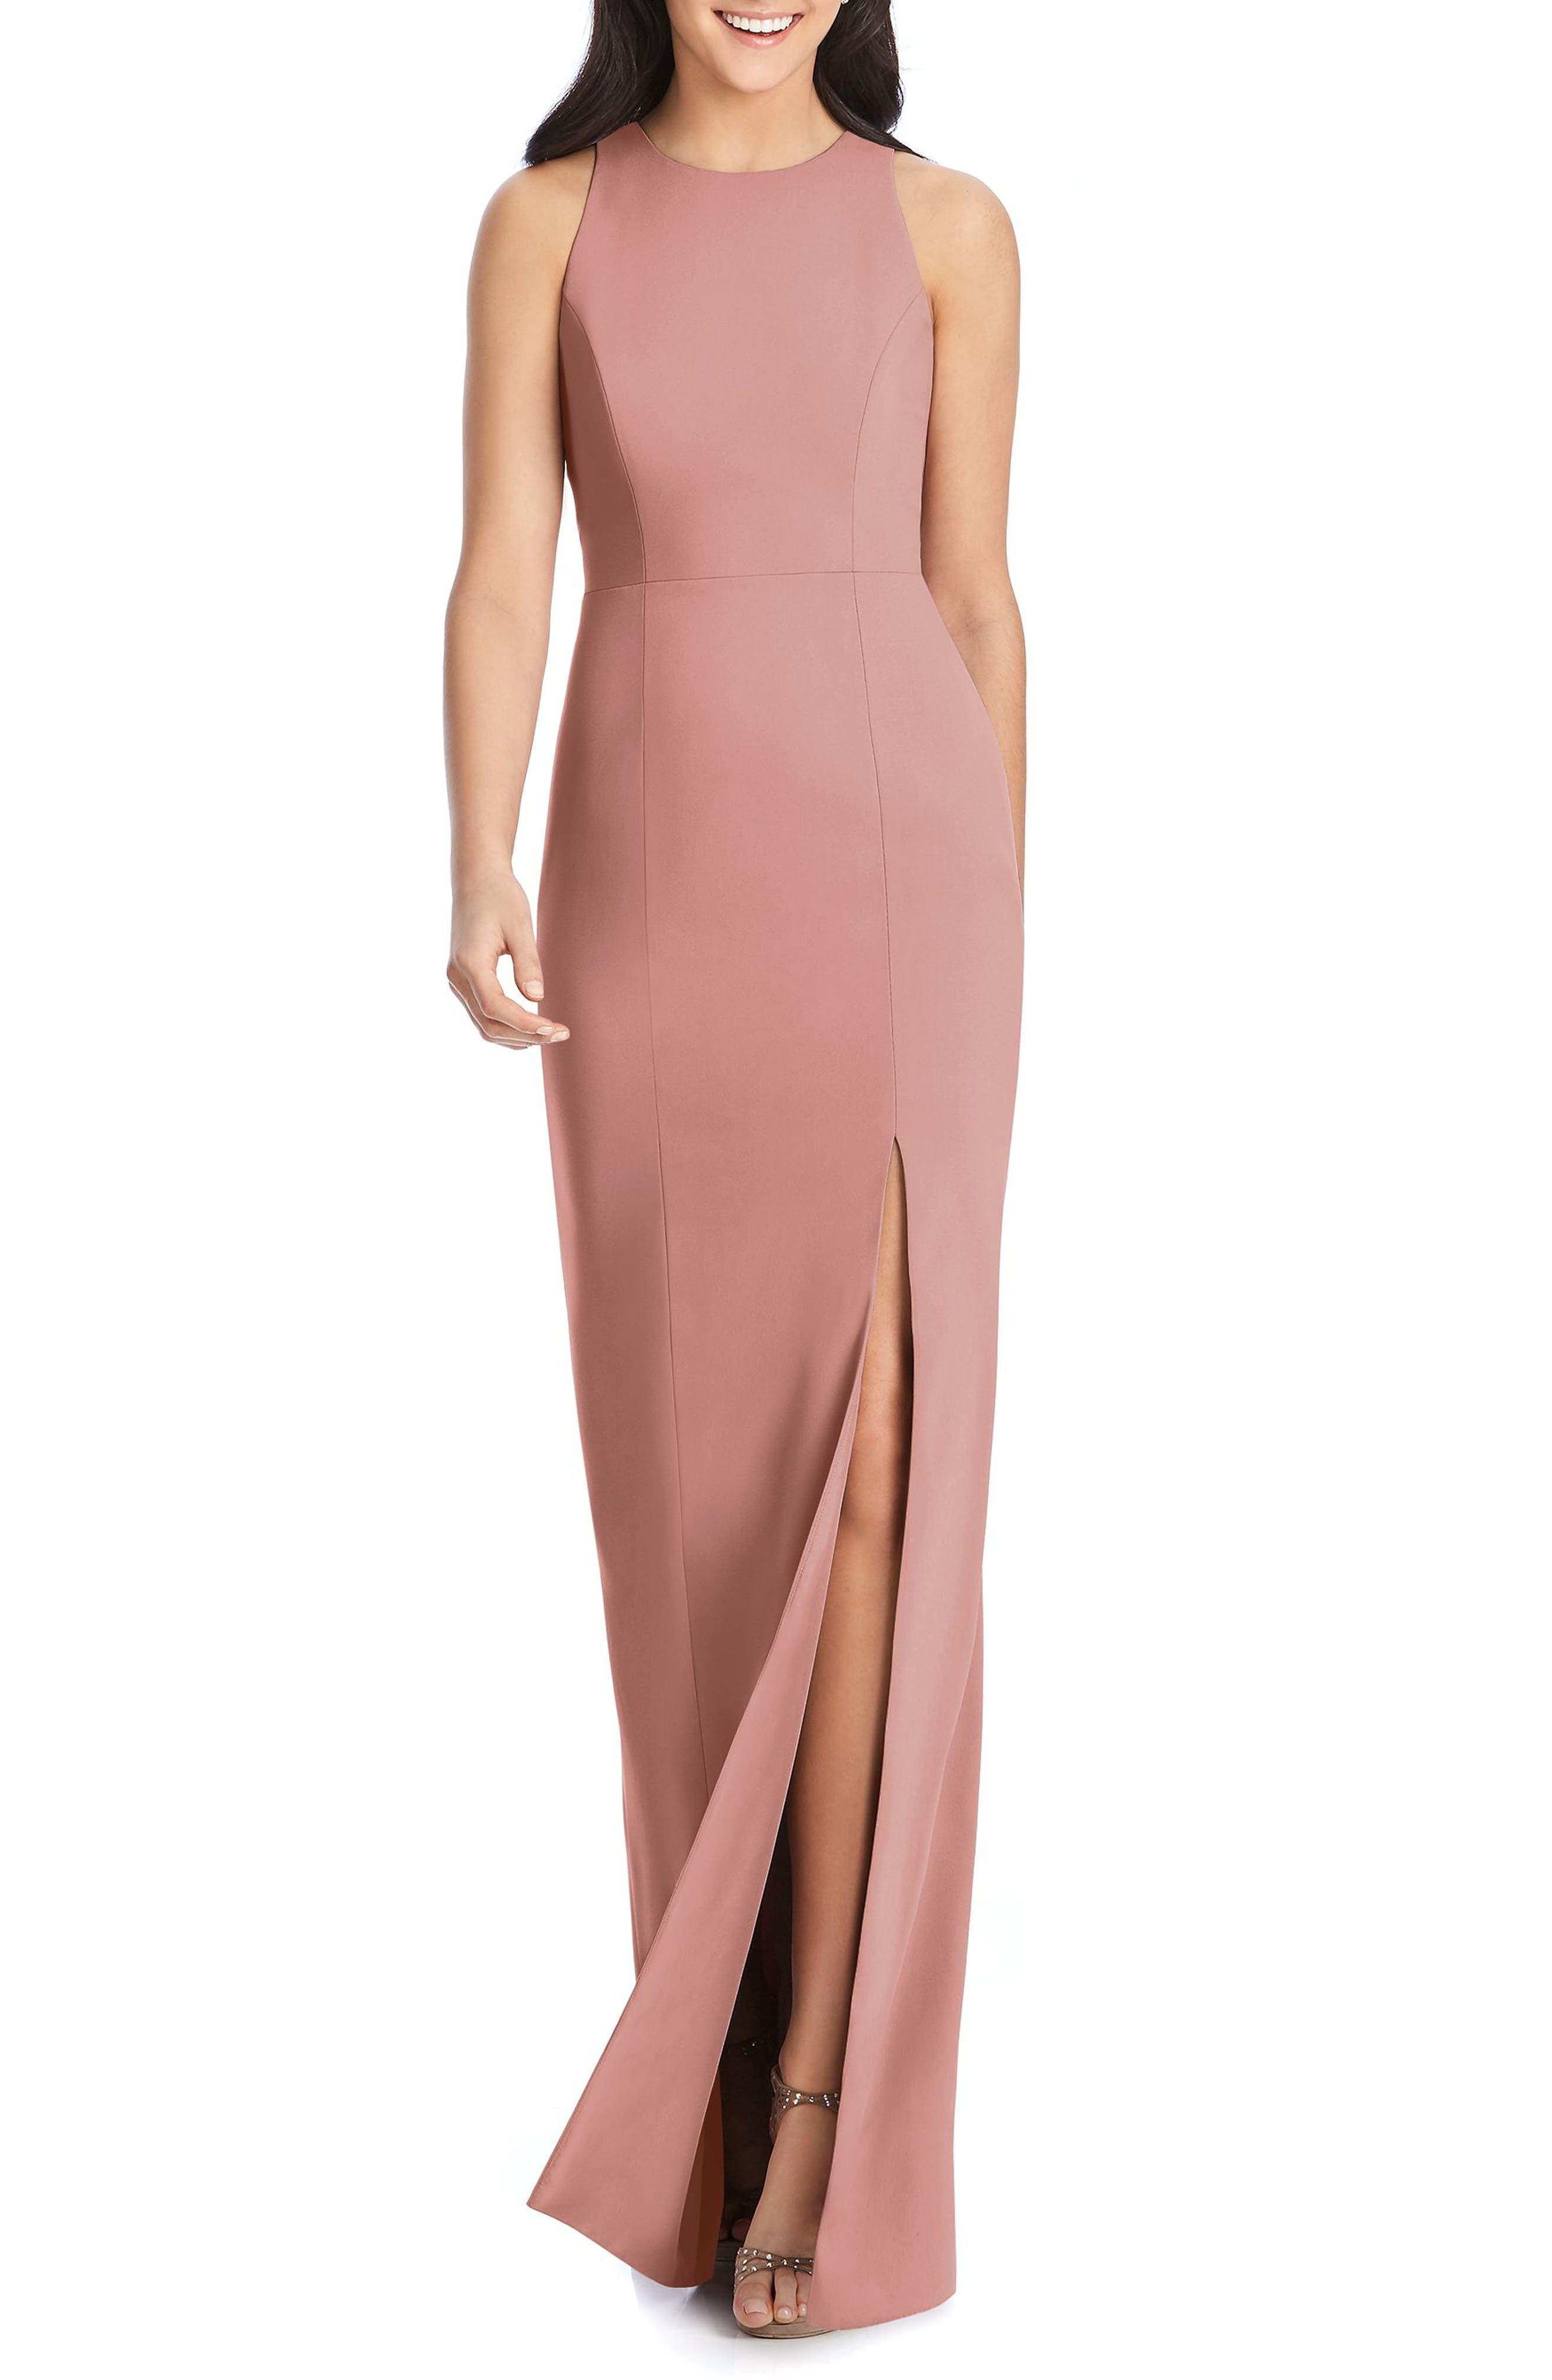 55c5aab7ab34 Women s Pink Dresses